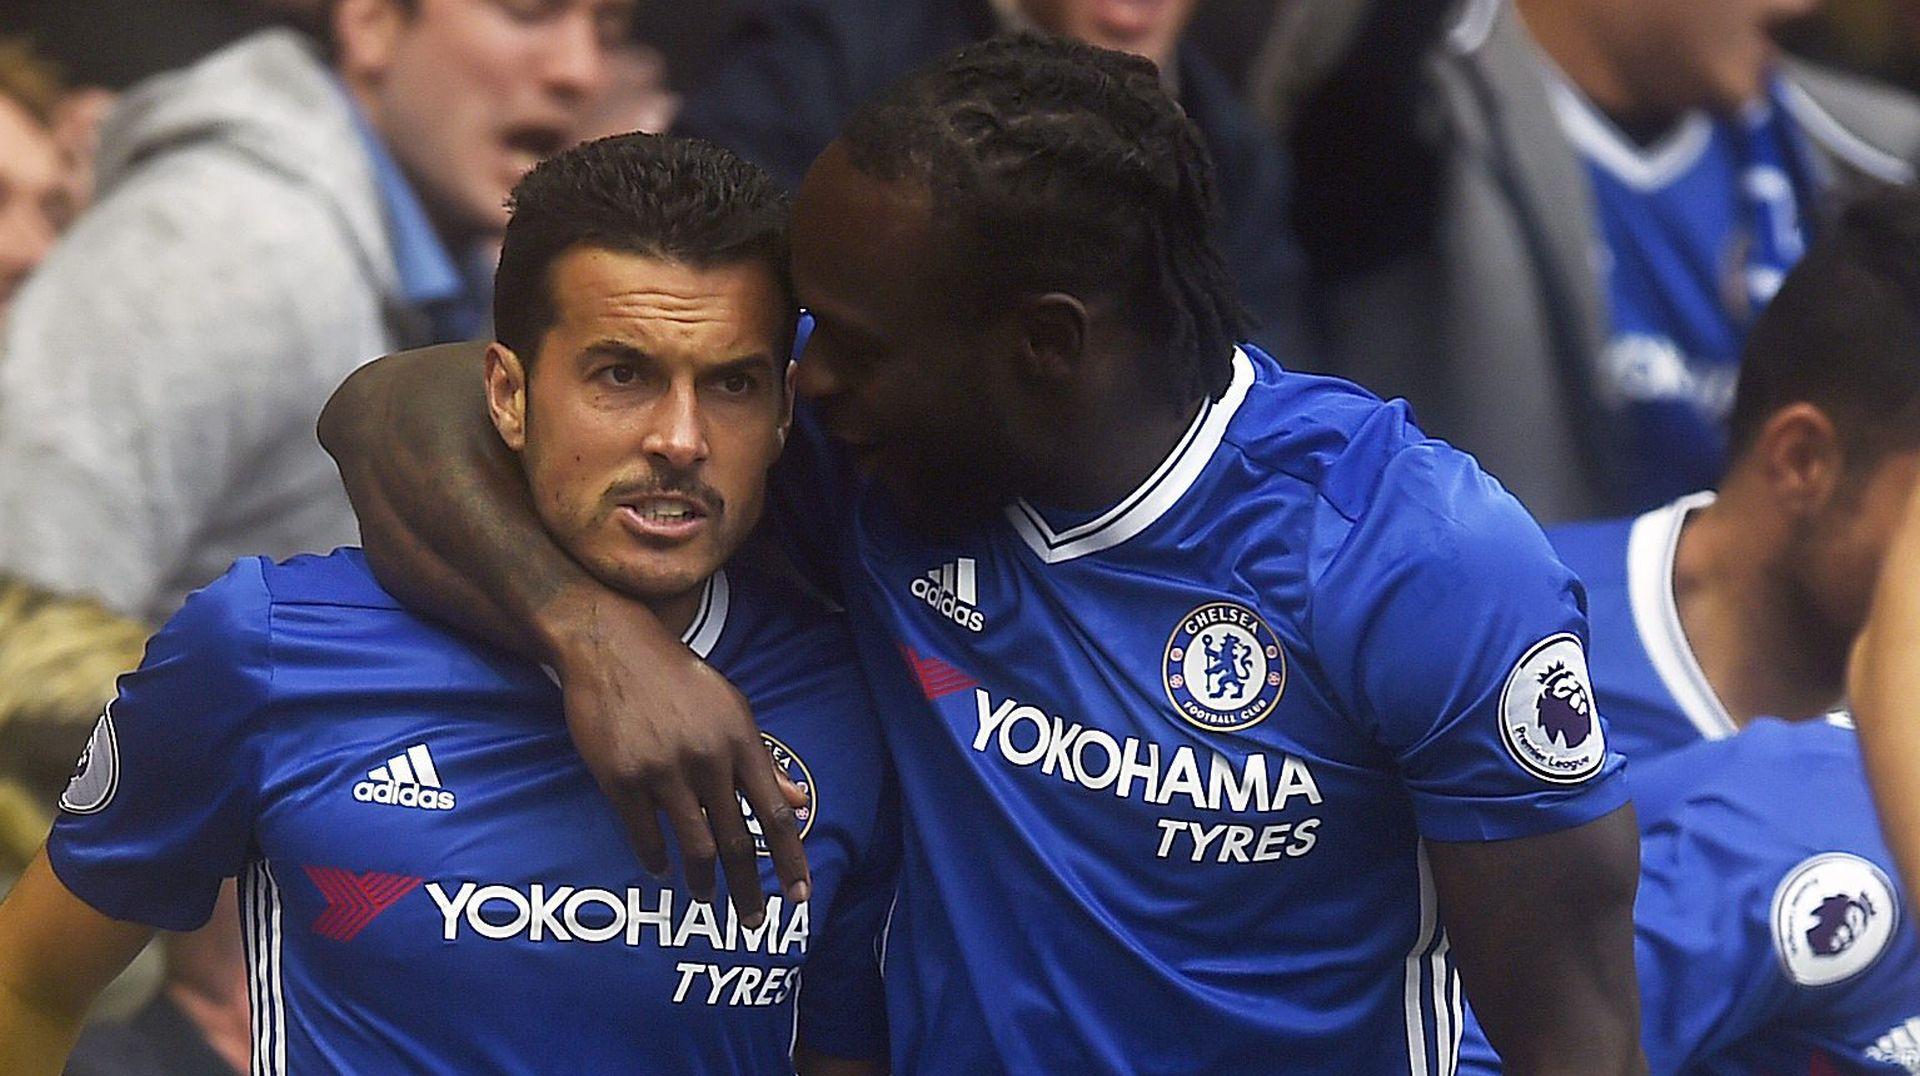 PREMIERLIGA Neslavan povratak Mourinha na Stamford Bridge – Chelsea 'razbio' United